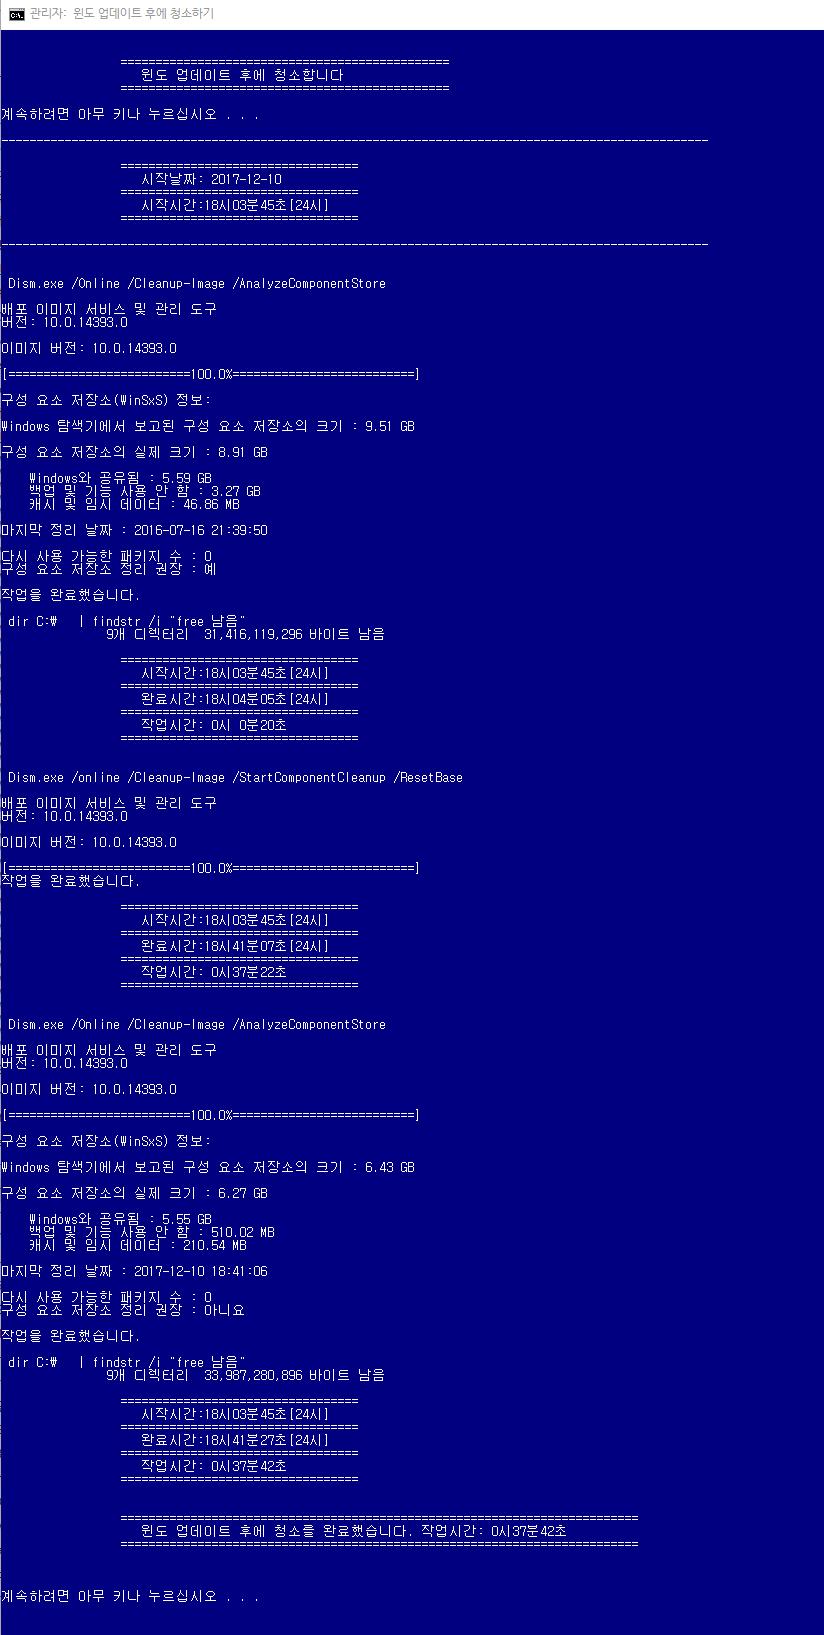 윈도 업데이트 후에 청소하기.bat 테스트 - 오 - 이미 Windows Update Clean Tool_ko_2013-8-19.exe으로 1.3GB 삭제하고 DISM++으로도 추가적으로 300MB삭제했는데도 2GB나 삭제되네요 2017-12-10_184307.png